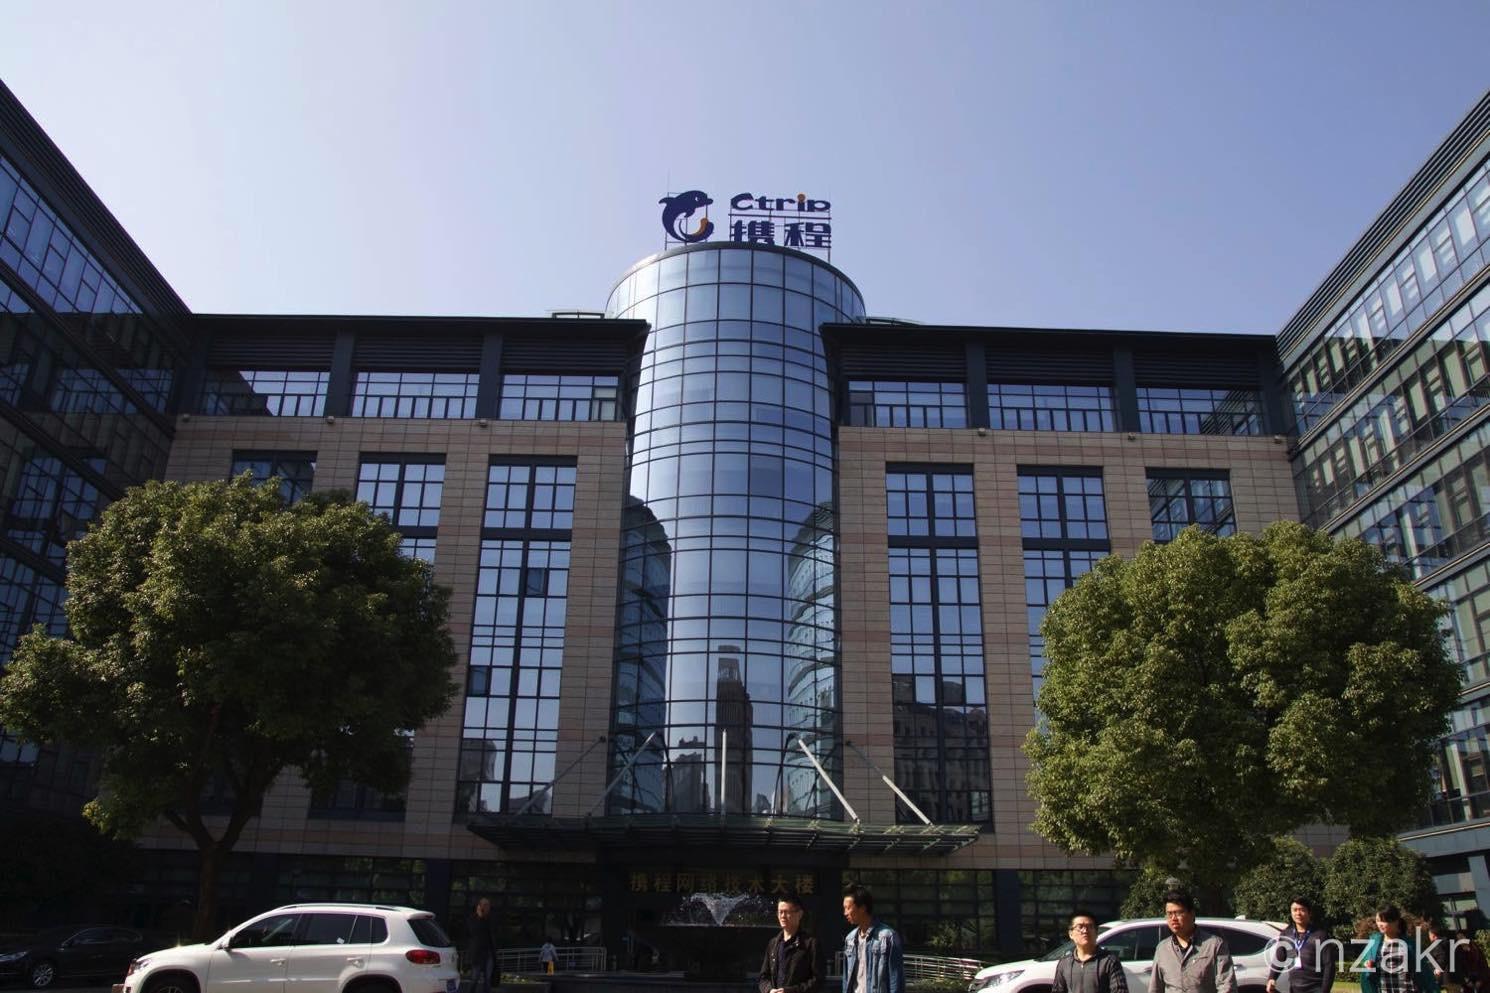 Ctrip(シートリップ)のオフィス1